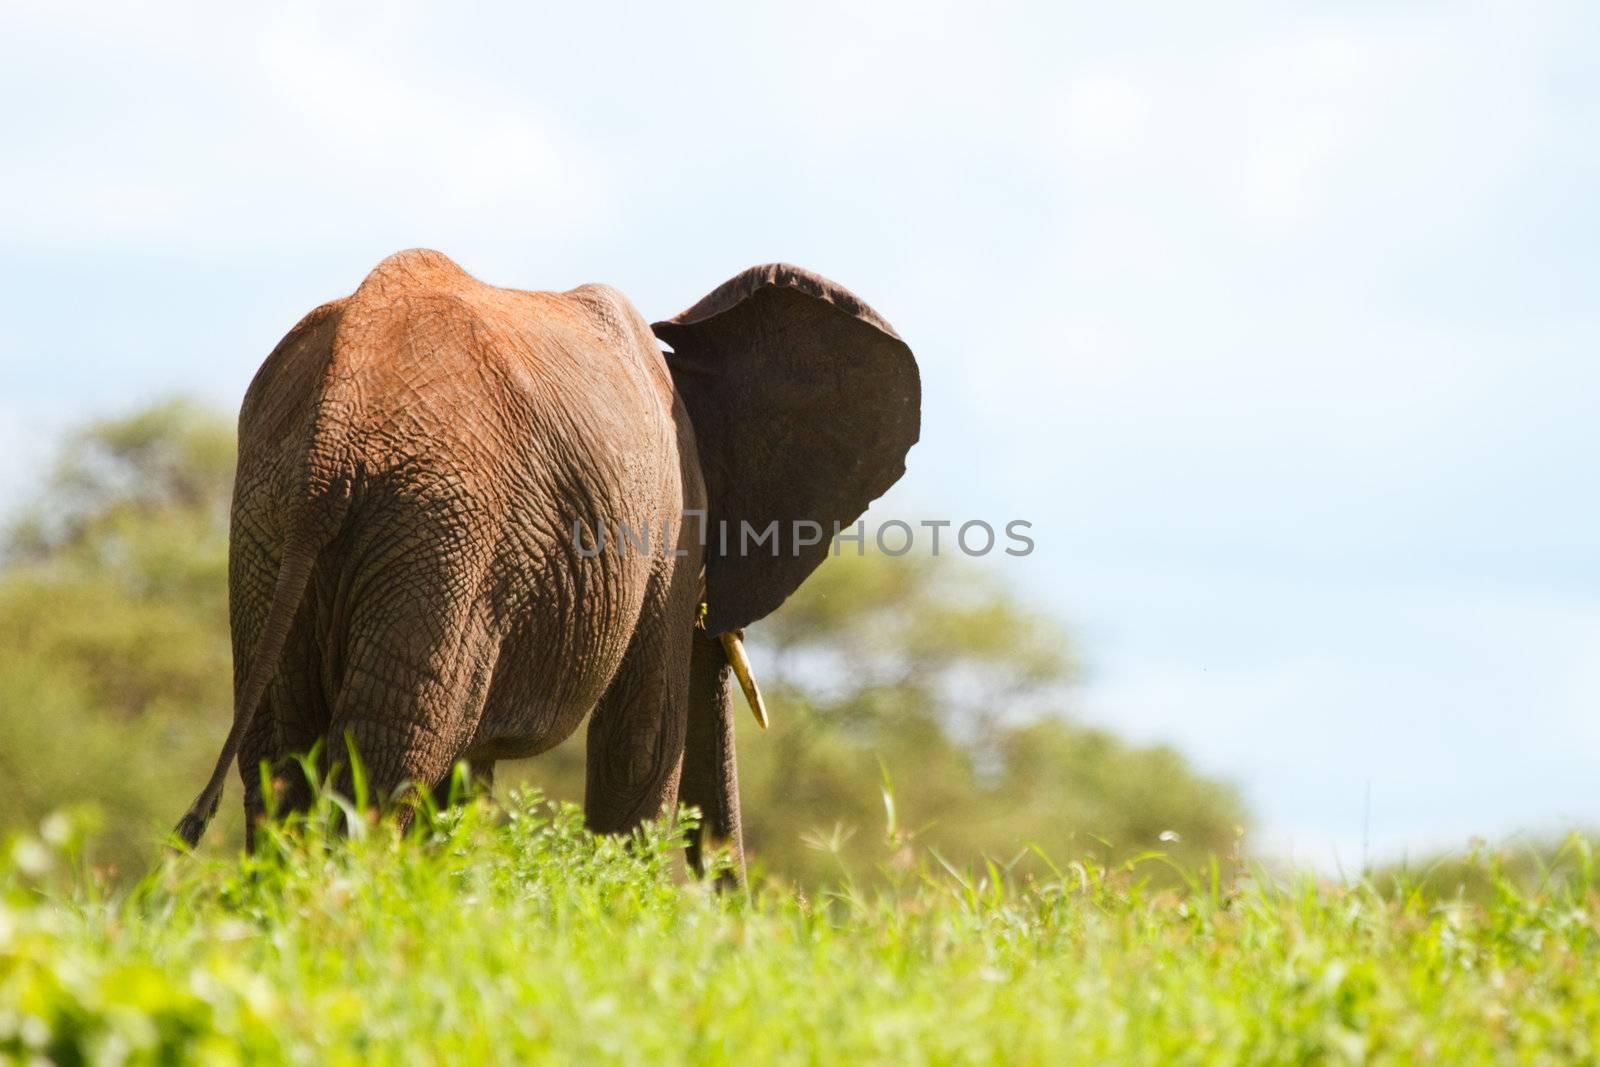 Elephant in Tarangire national park, Tanzania